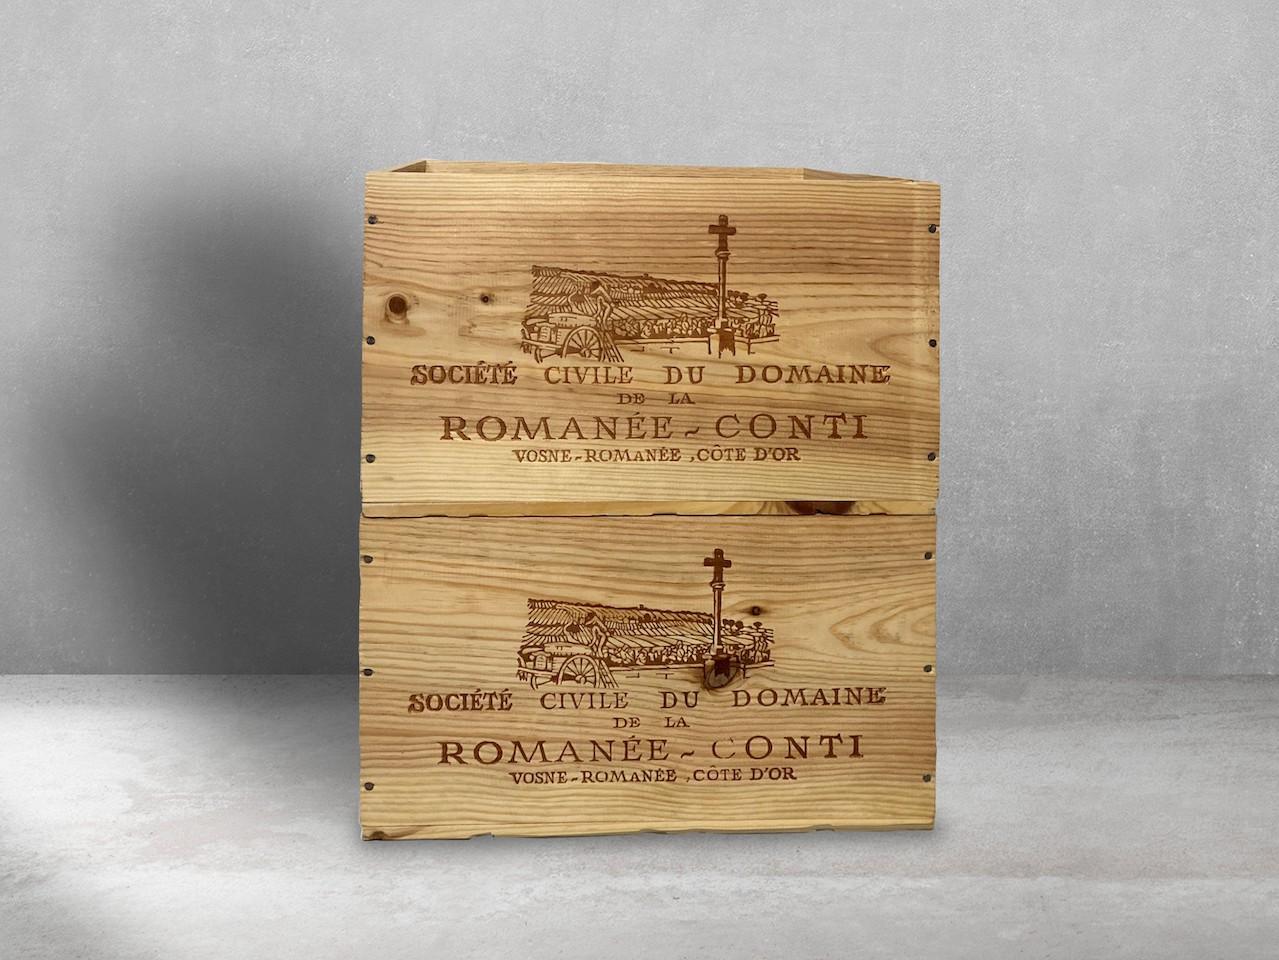 Holzkisten für den Wein von Finexity